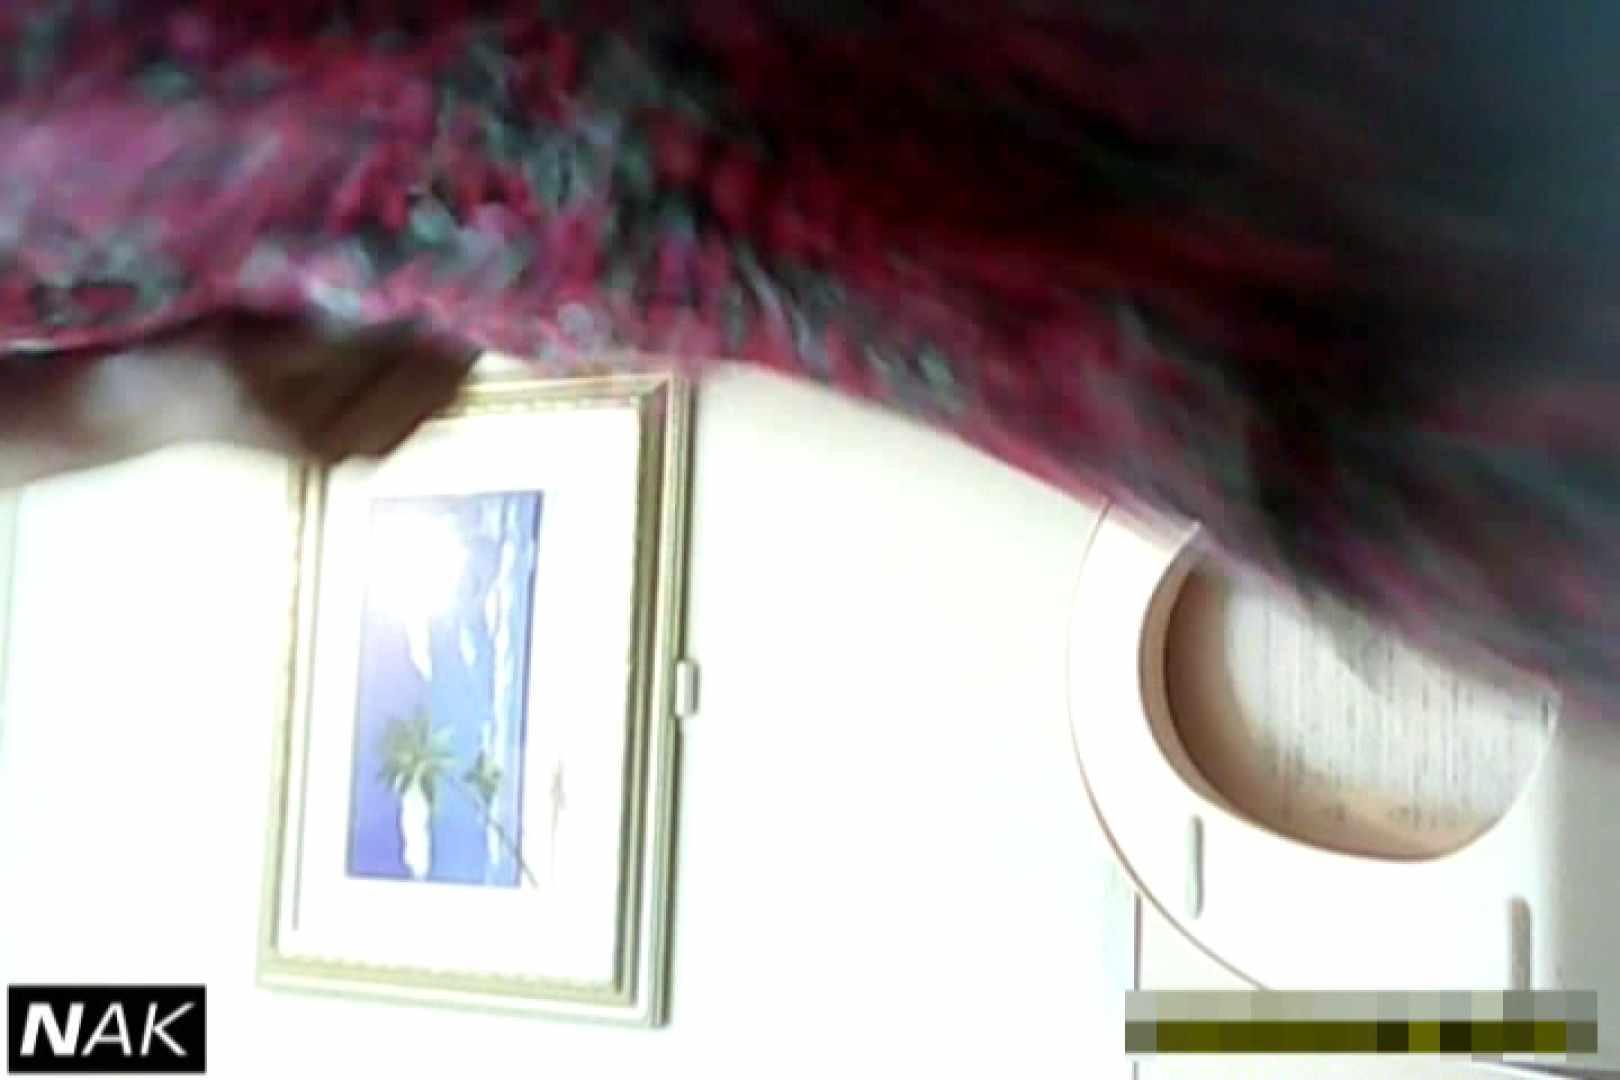 超高画質5000K!脅威の2点かわや! vol.24 モロだしオマンコ オマンコ無修正動画無料 87pic 76